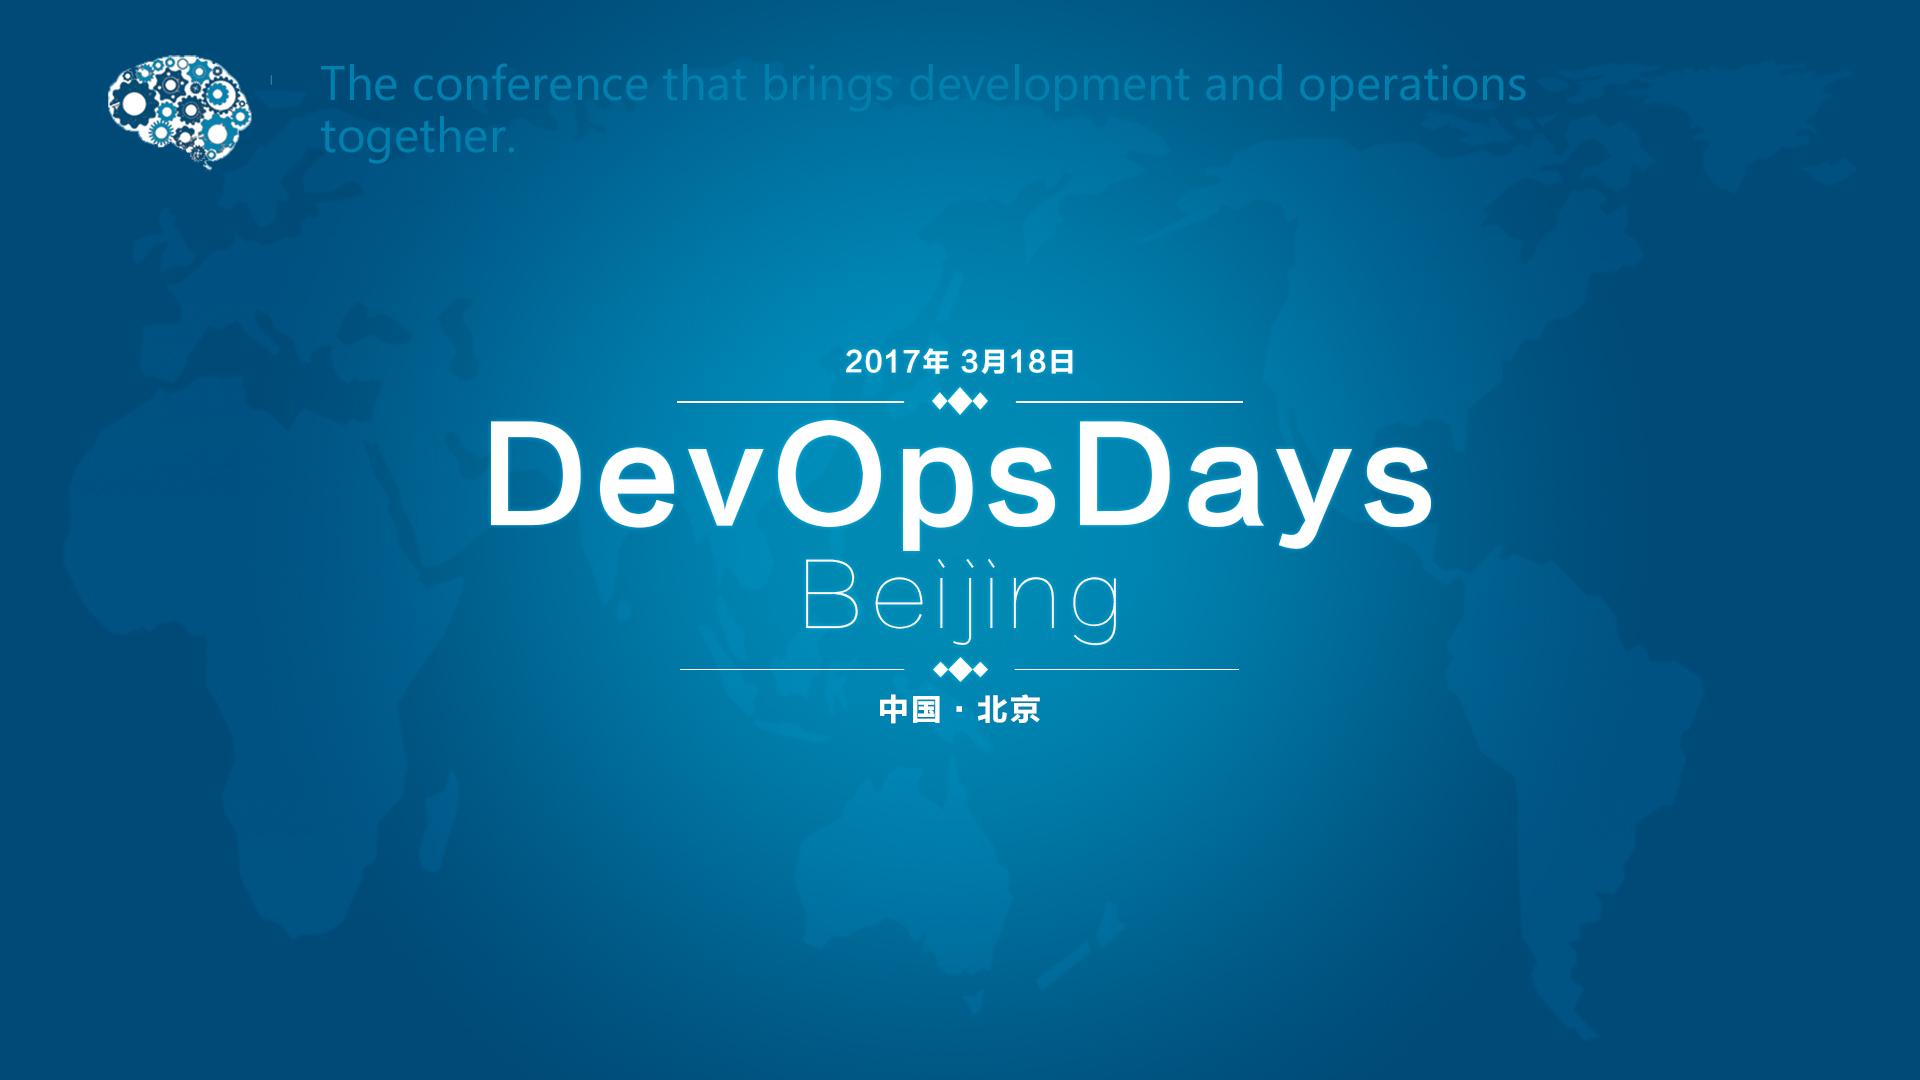 DevOpsDays Beijing